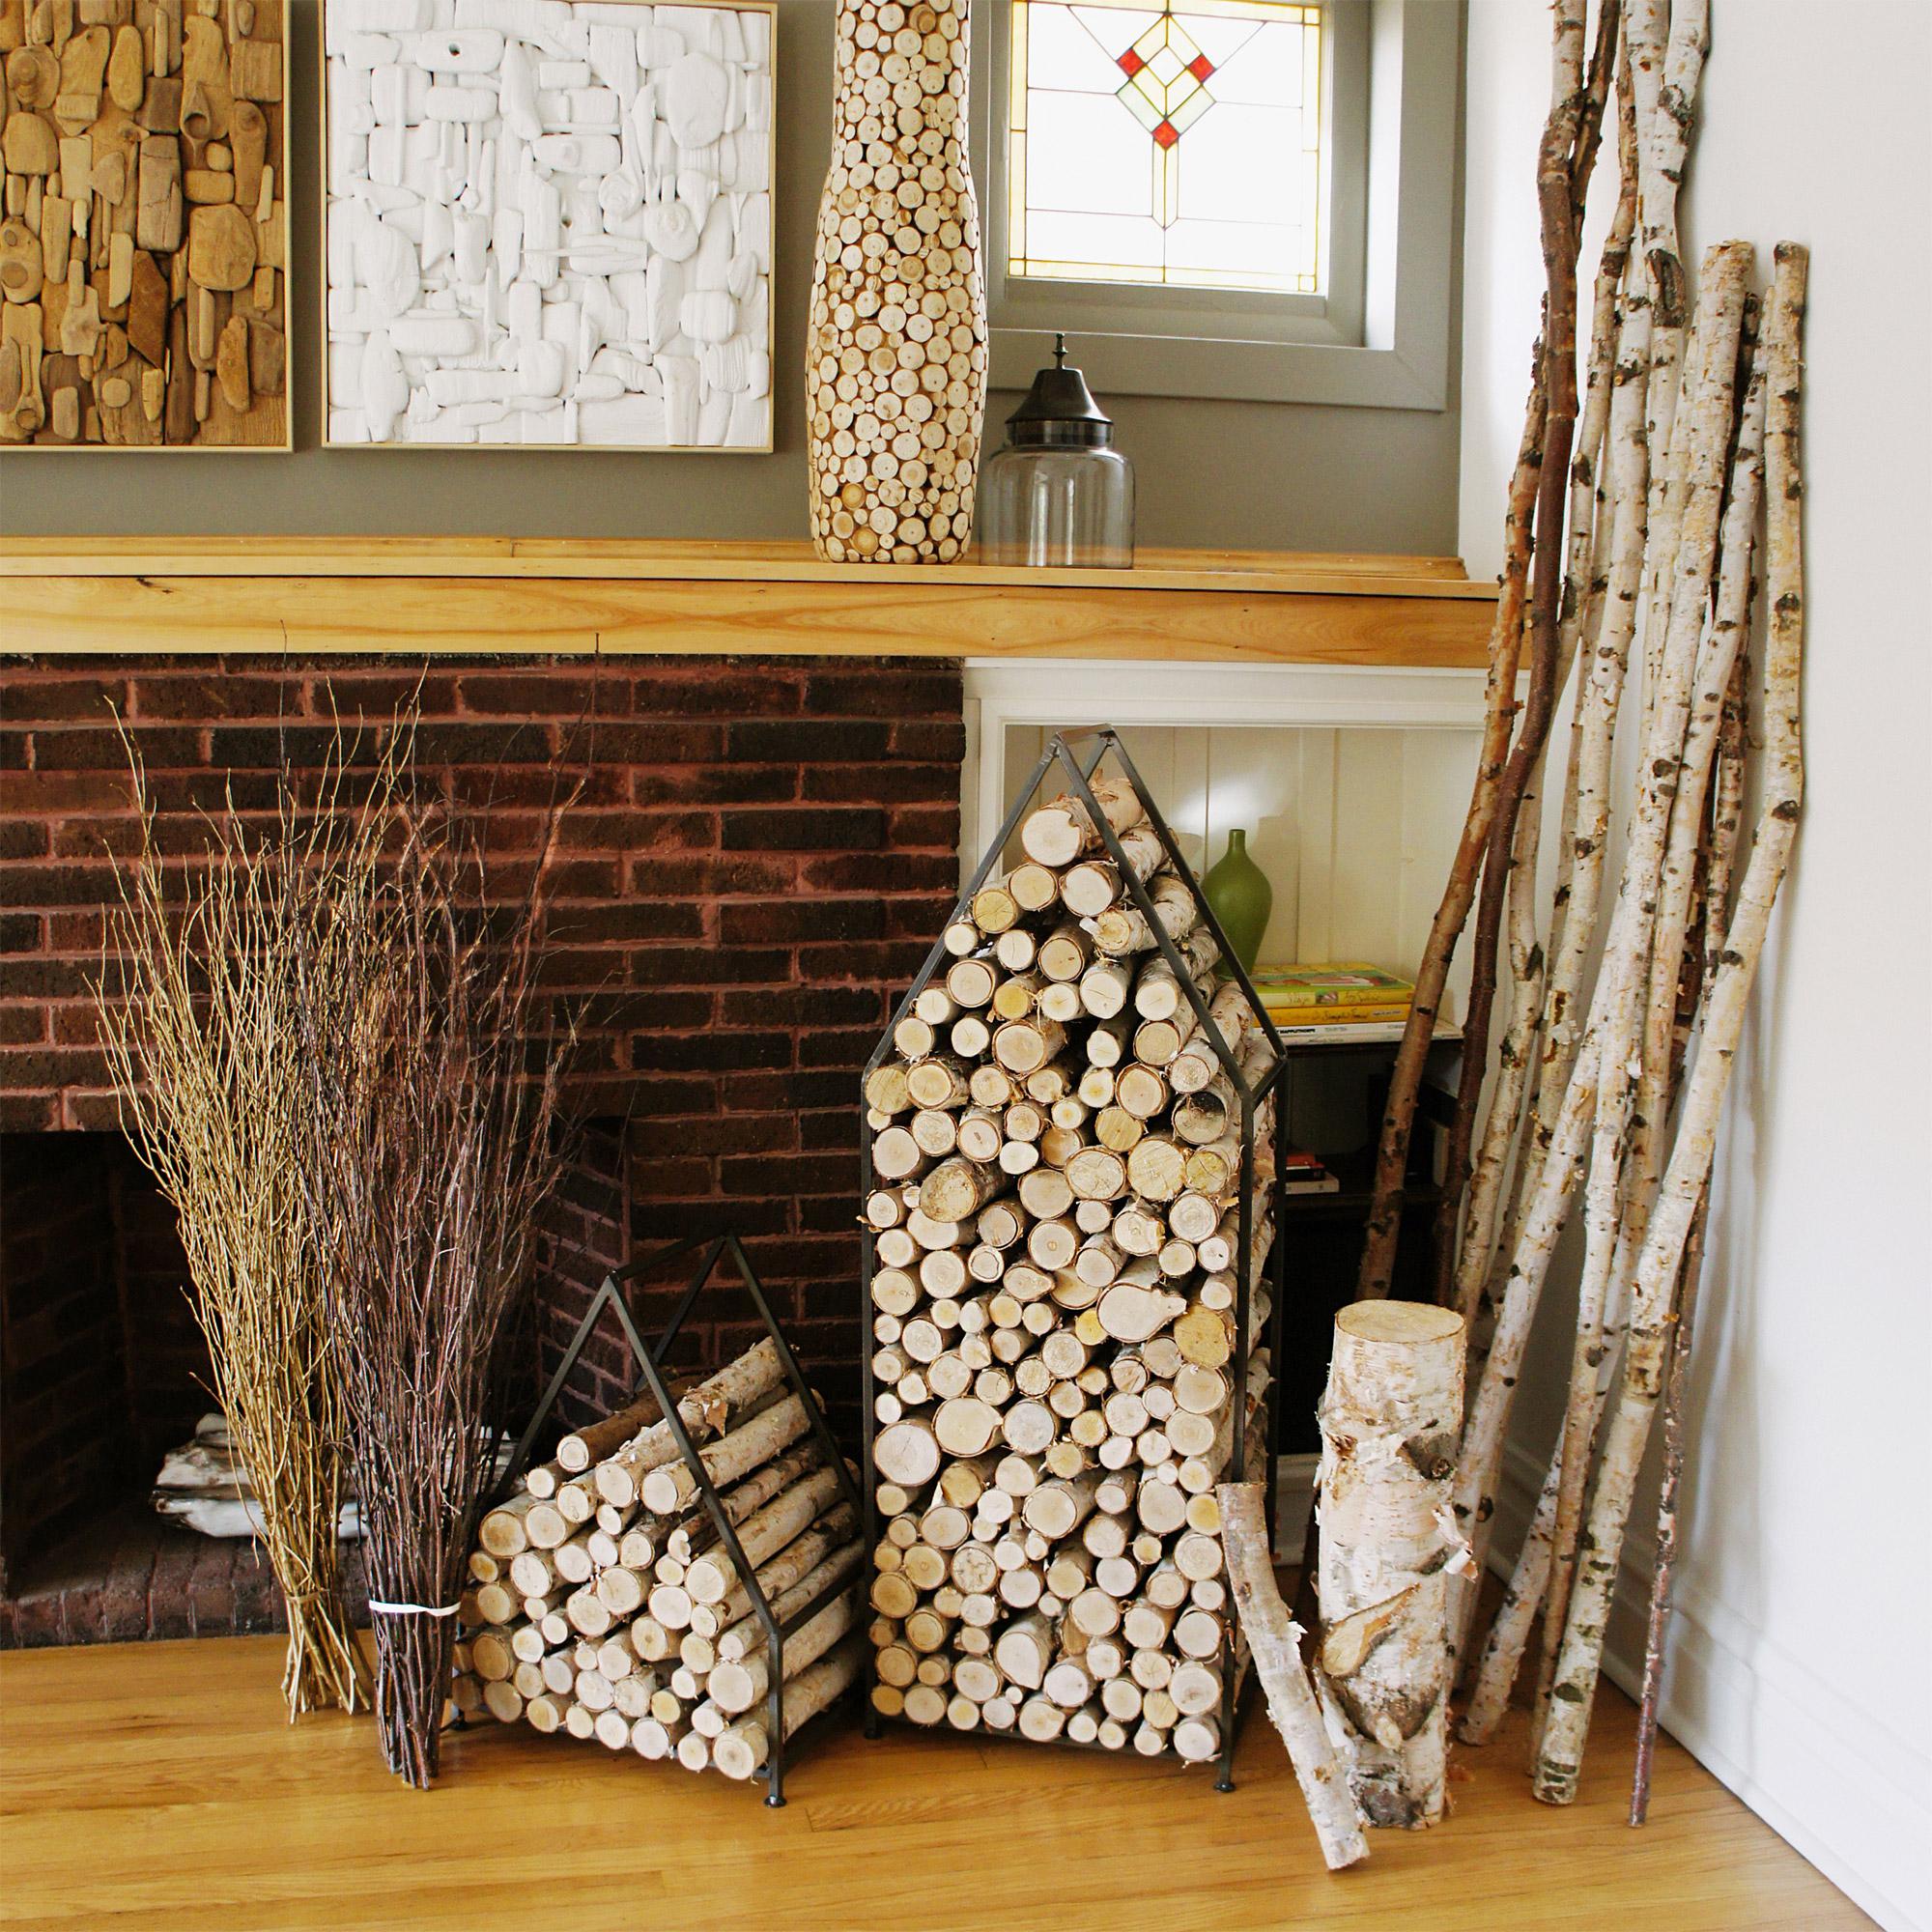 17 id es d co pour ranger les b ches. Black Bedroom Furniture Sets. Home Design Ideas